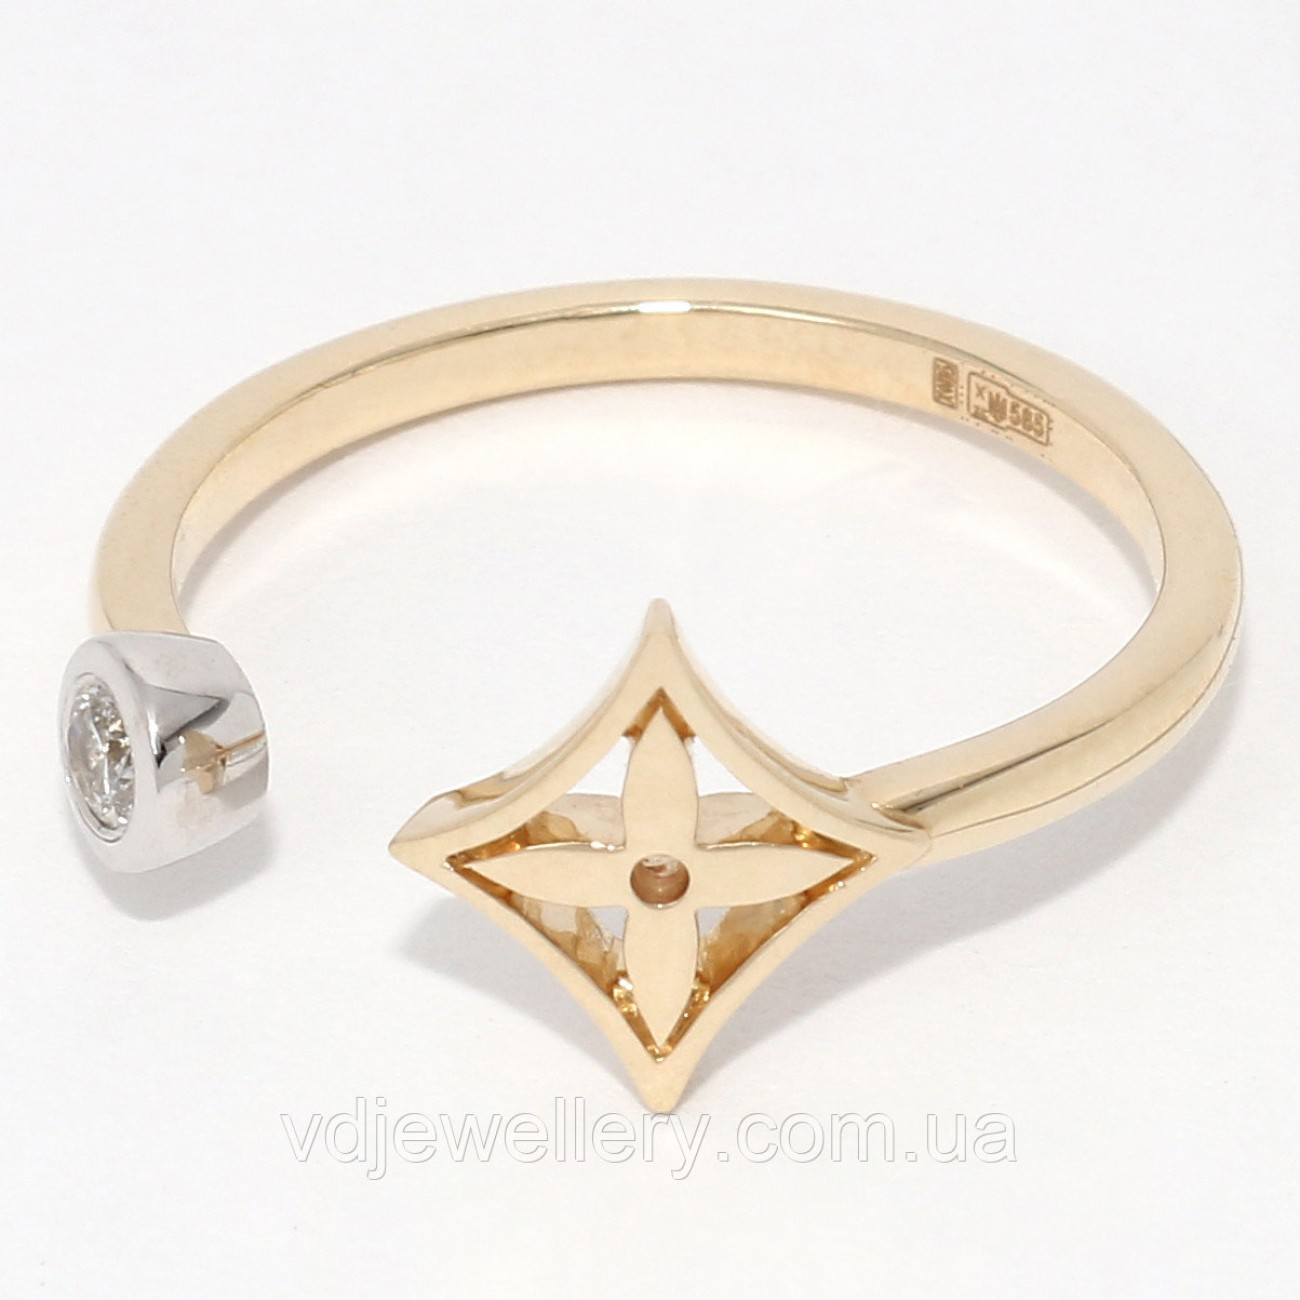 Золотое кольцо Louis Vuitton НХК-24